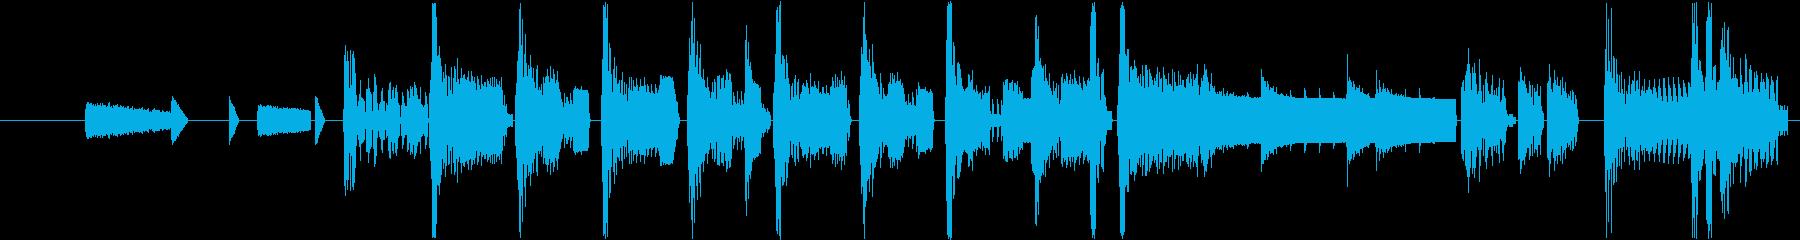 チップチューンの軽快なジングル!の再生済みの波形